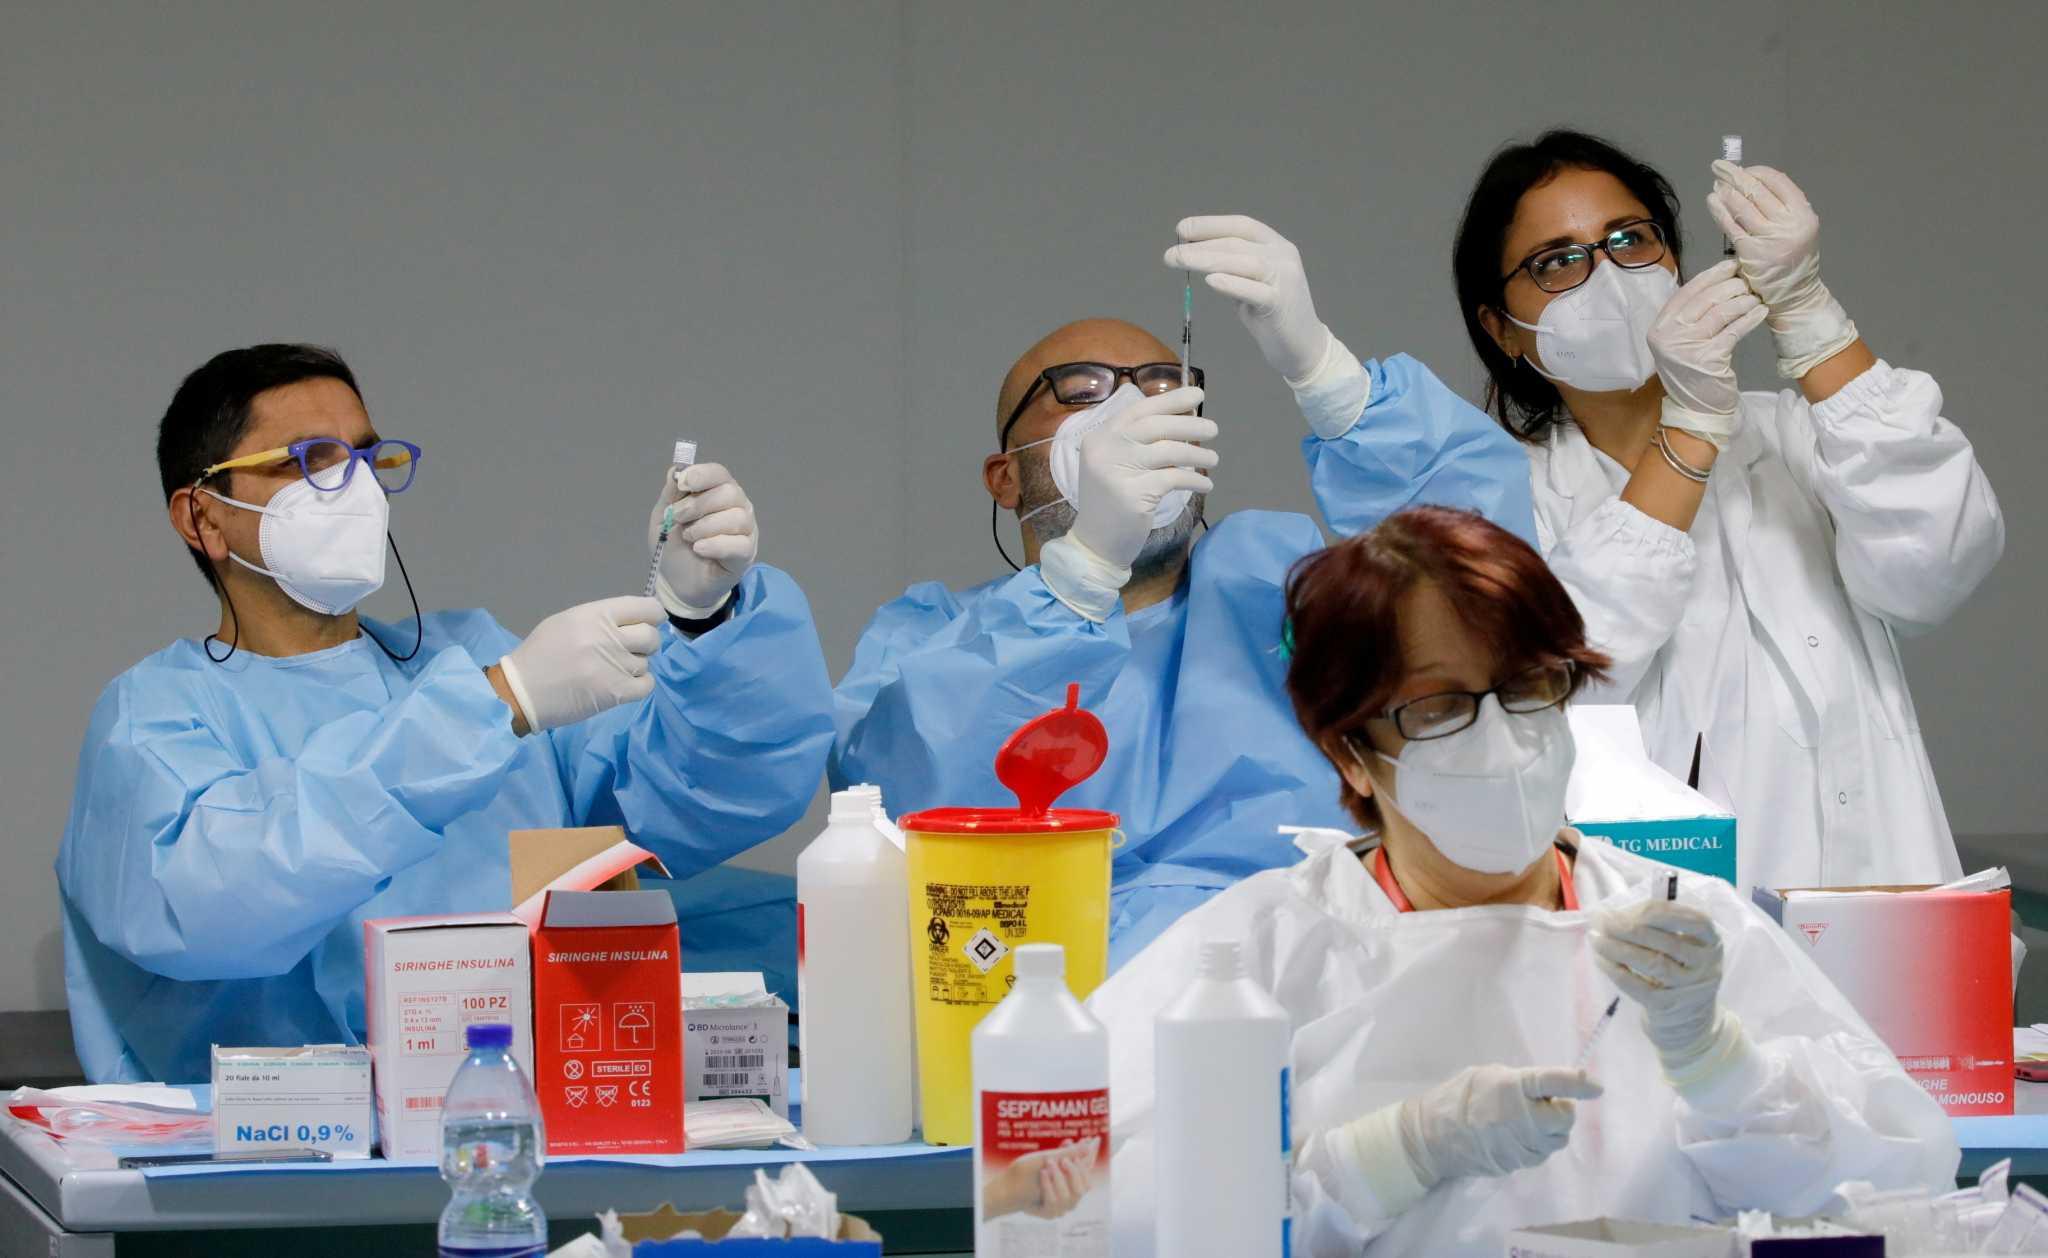 Έκαναν σε 23χρονη κατά λάθος έξι δόσεις του εμβολίου της Pfizer